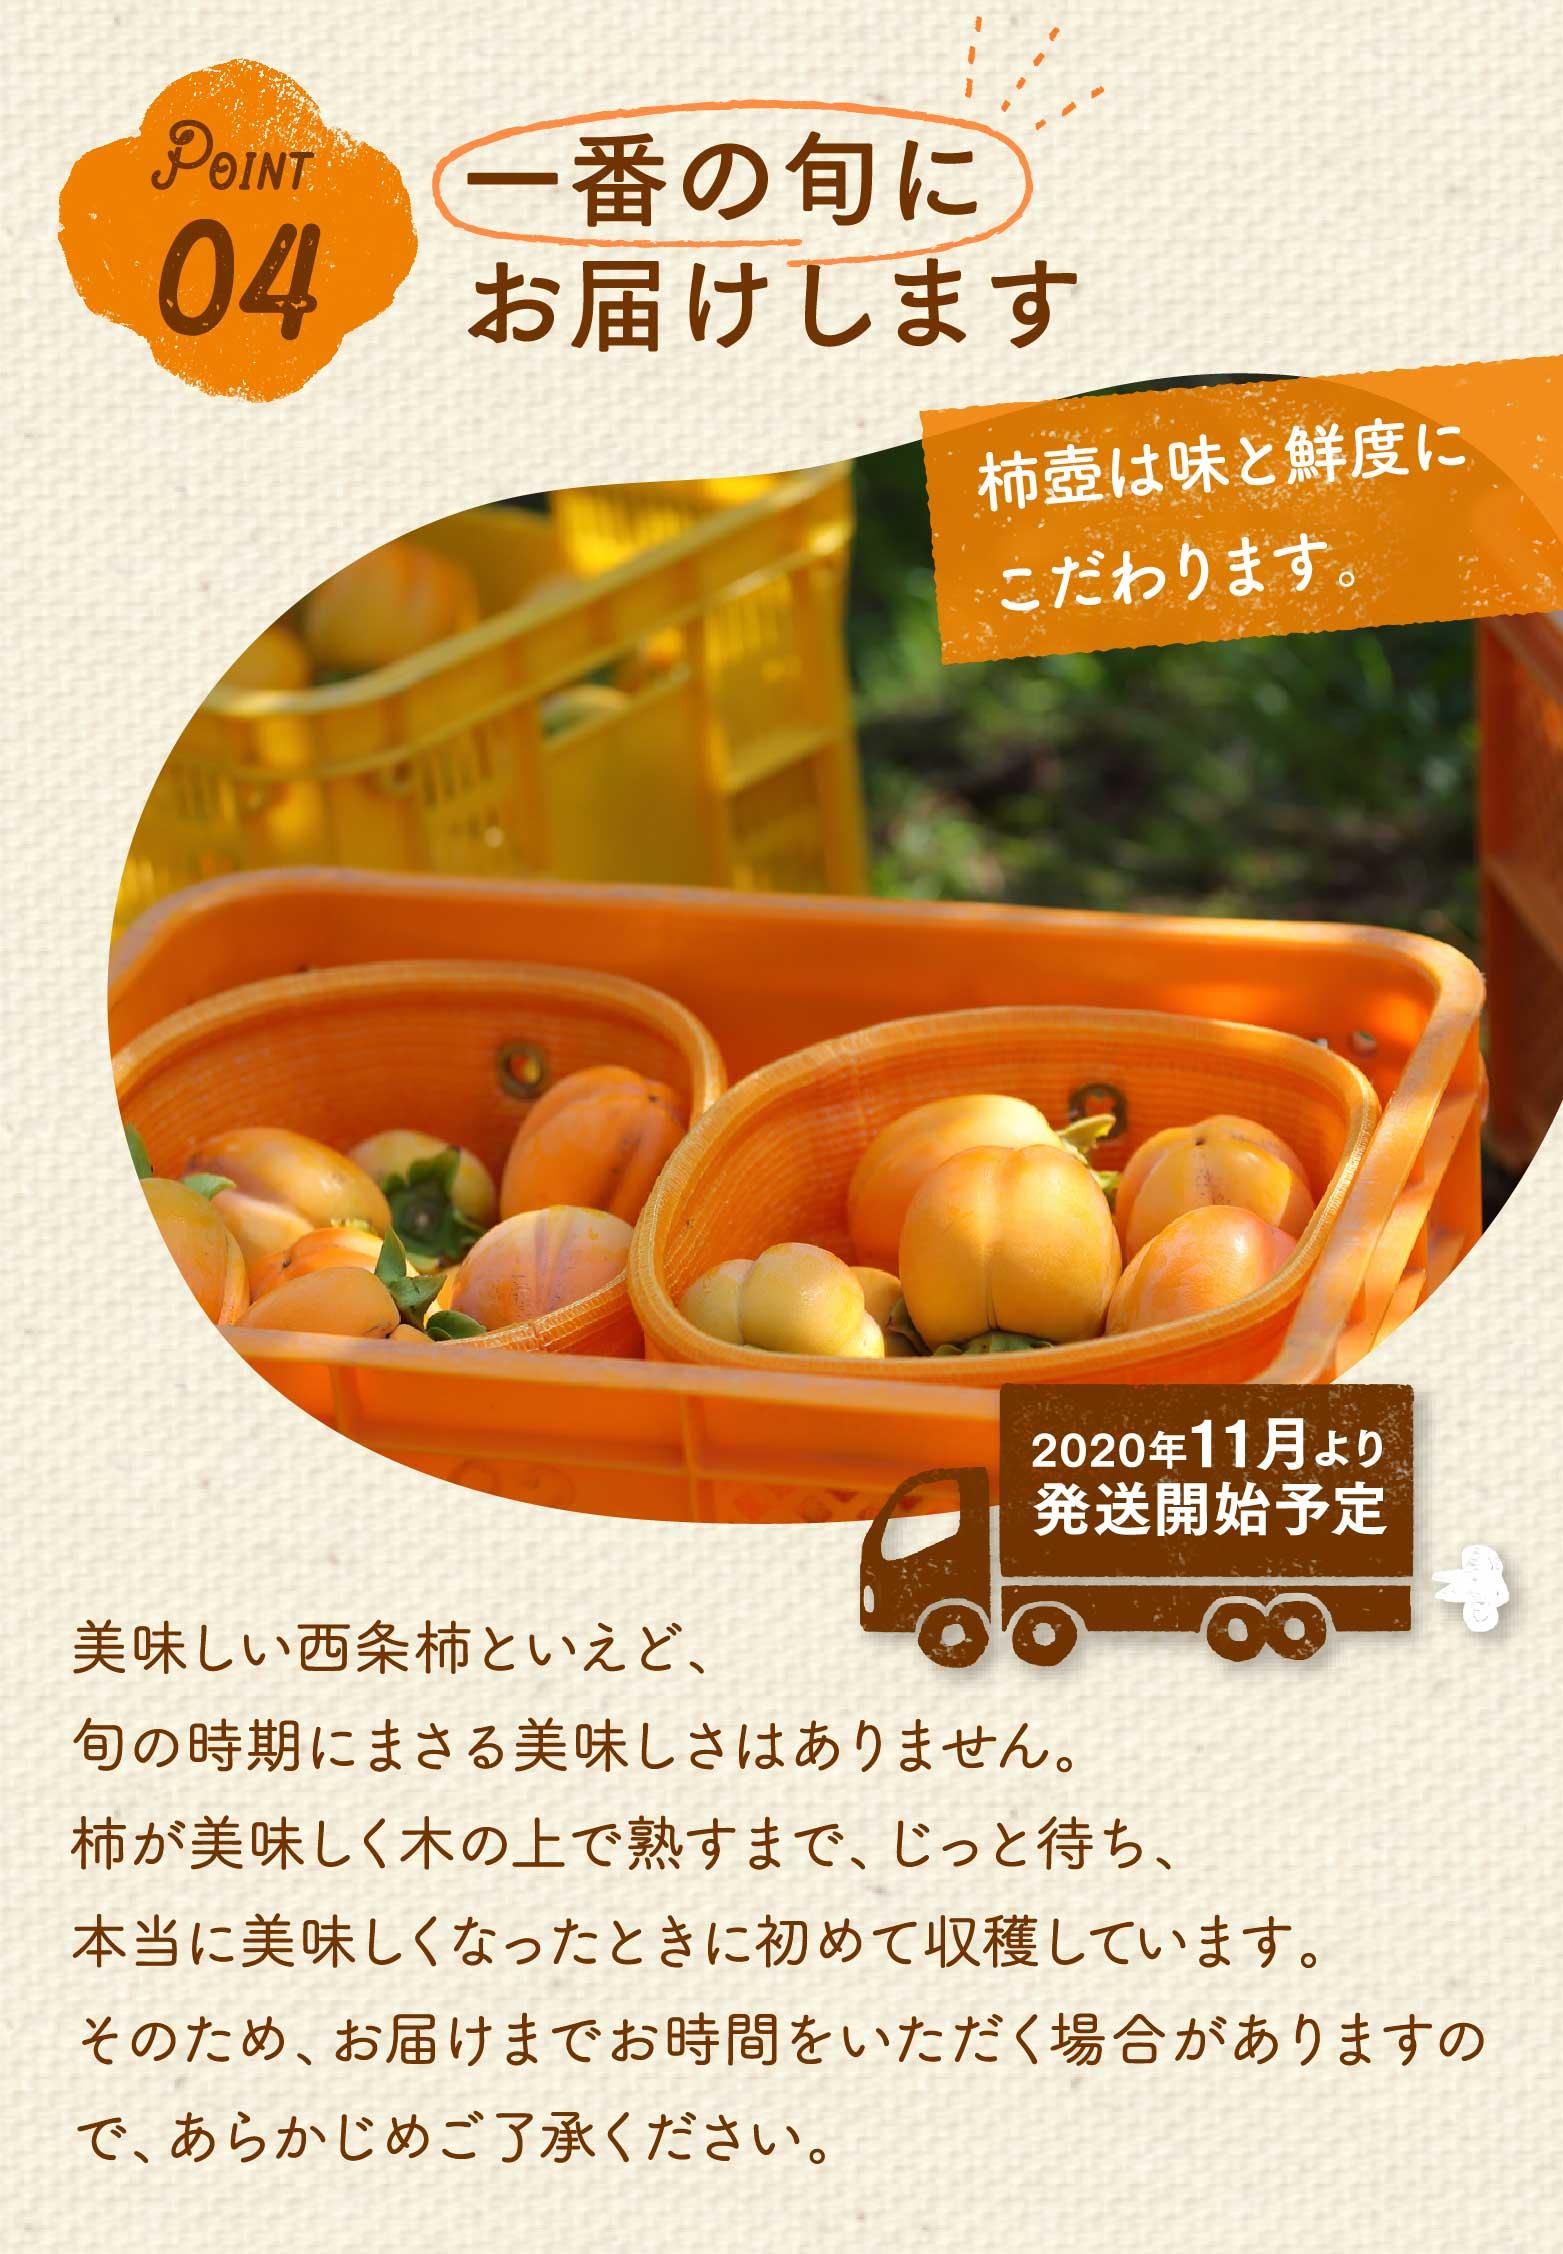 ポイント4。一番の旬にお届けします。柿壺は味と鮮度にこだわります。2020年11月より発送開始予定です。美味しい西条柿といえど、旬の時期にまさる美味しさはありません。柿が美味しく木の上で熟すまで、じっと待ち、本当に美味しくなったときに初めて収穫しています。そのため、お届けまでお時間をいただく場合がありますので、あらかじめご了承ください。